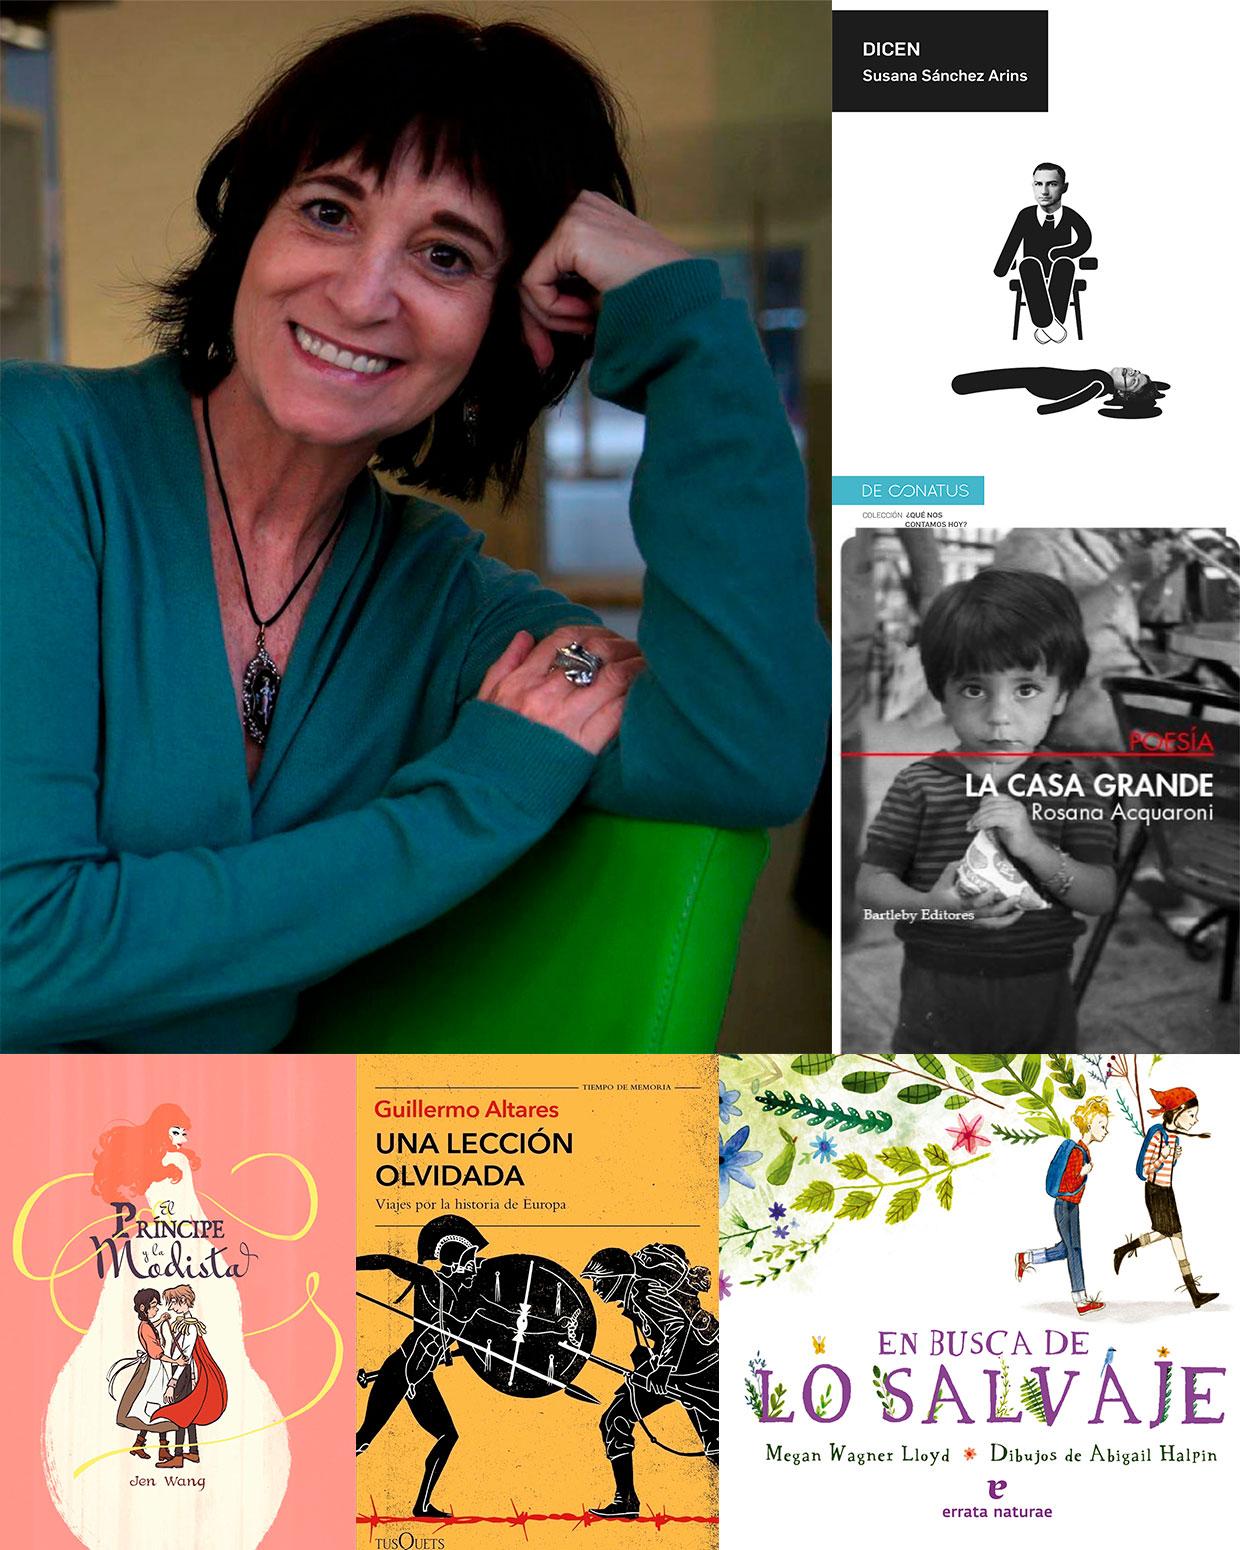 Las librerías de Madrid premian obras que recuerdan lo